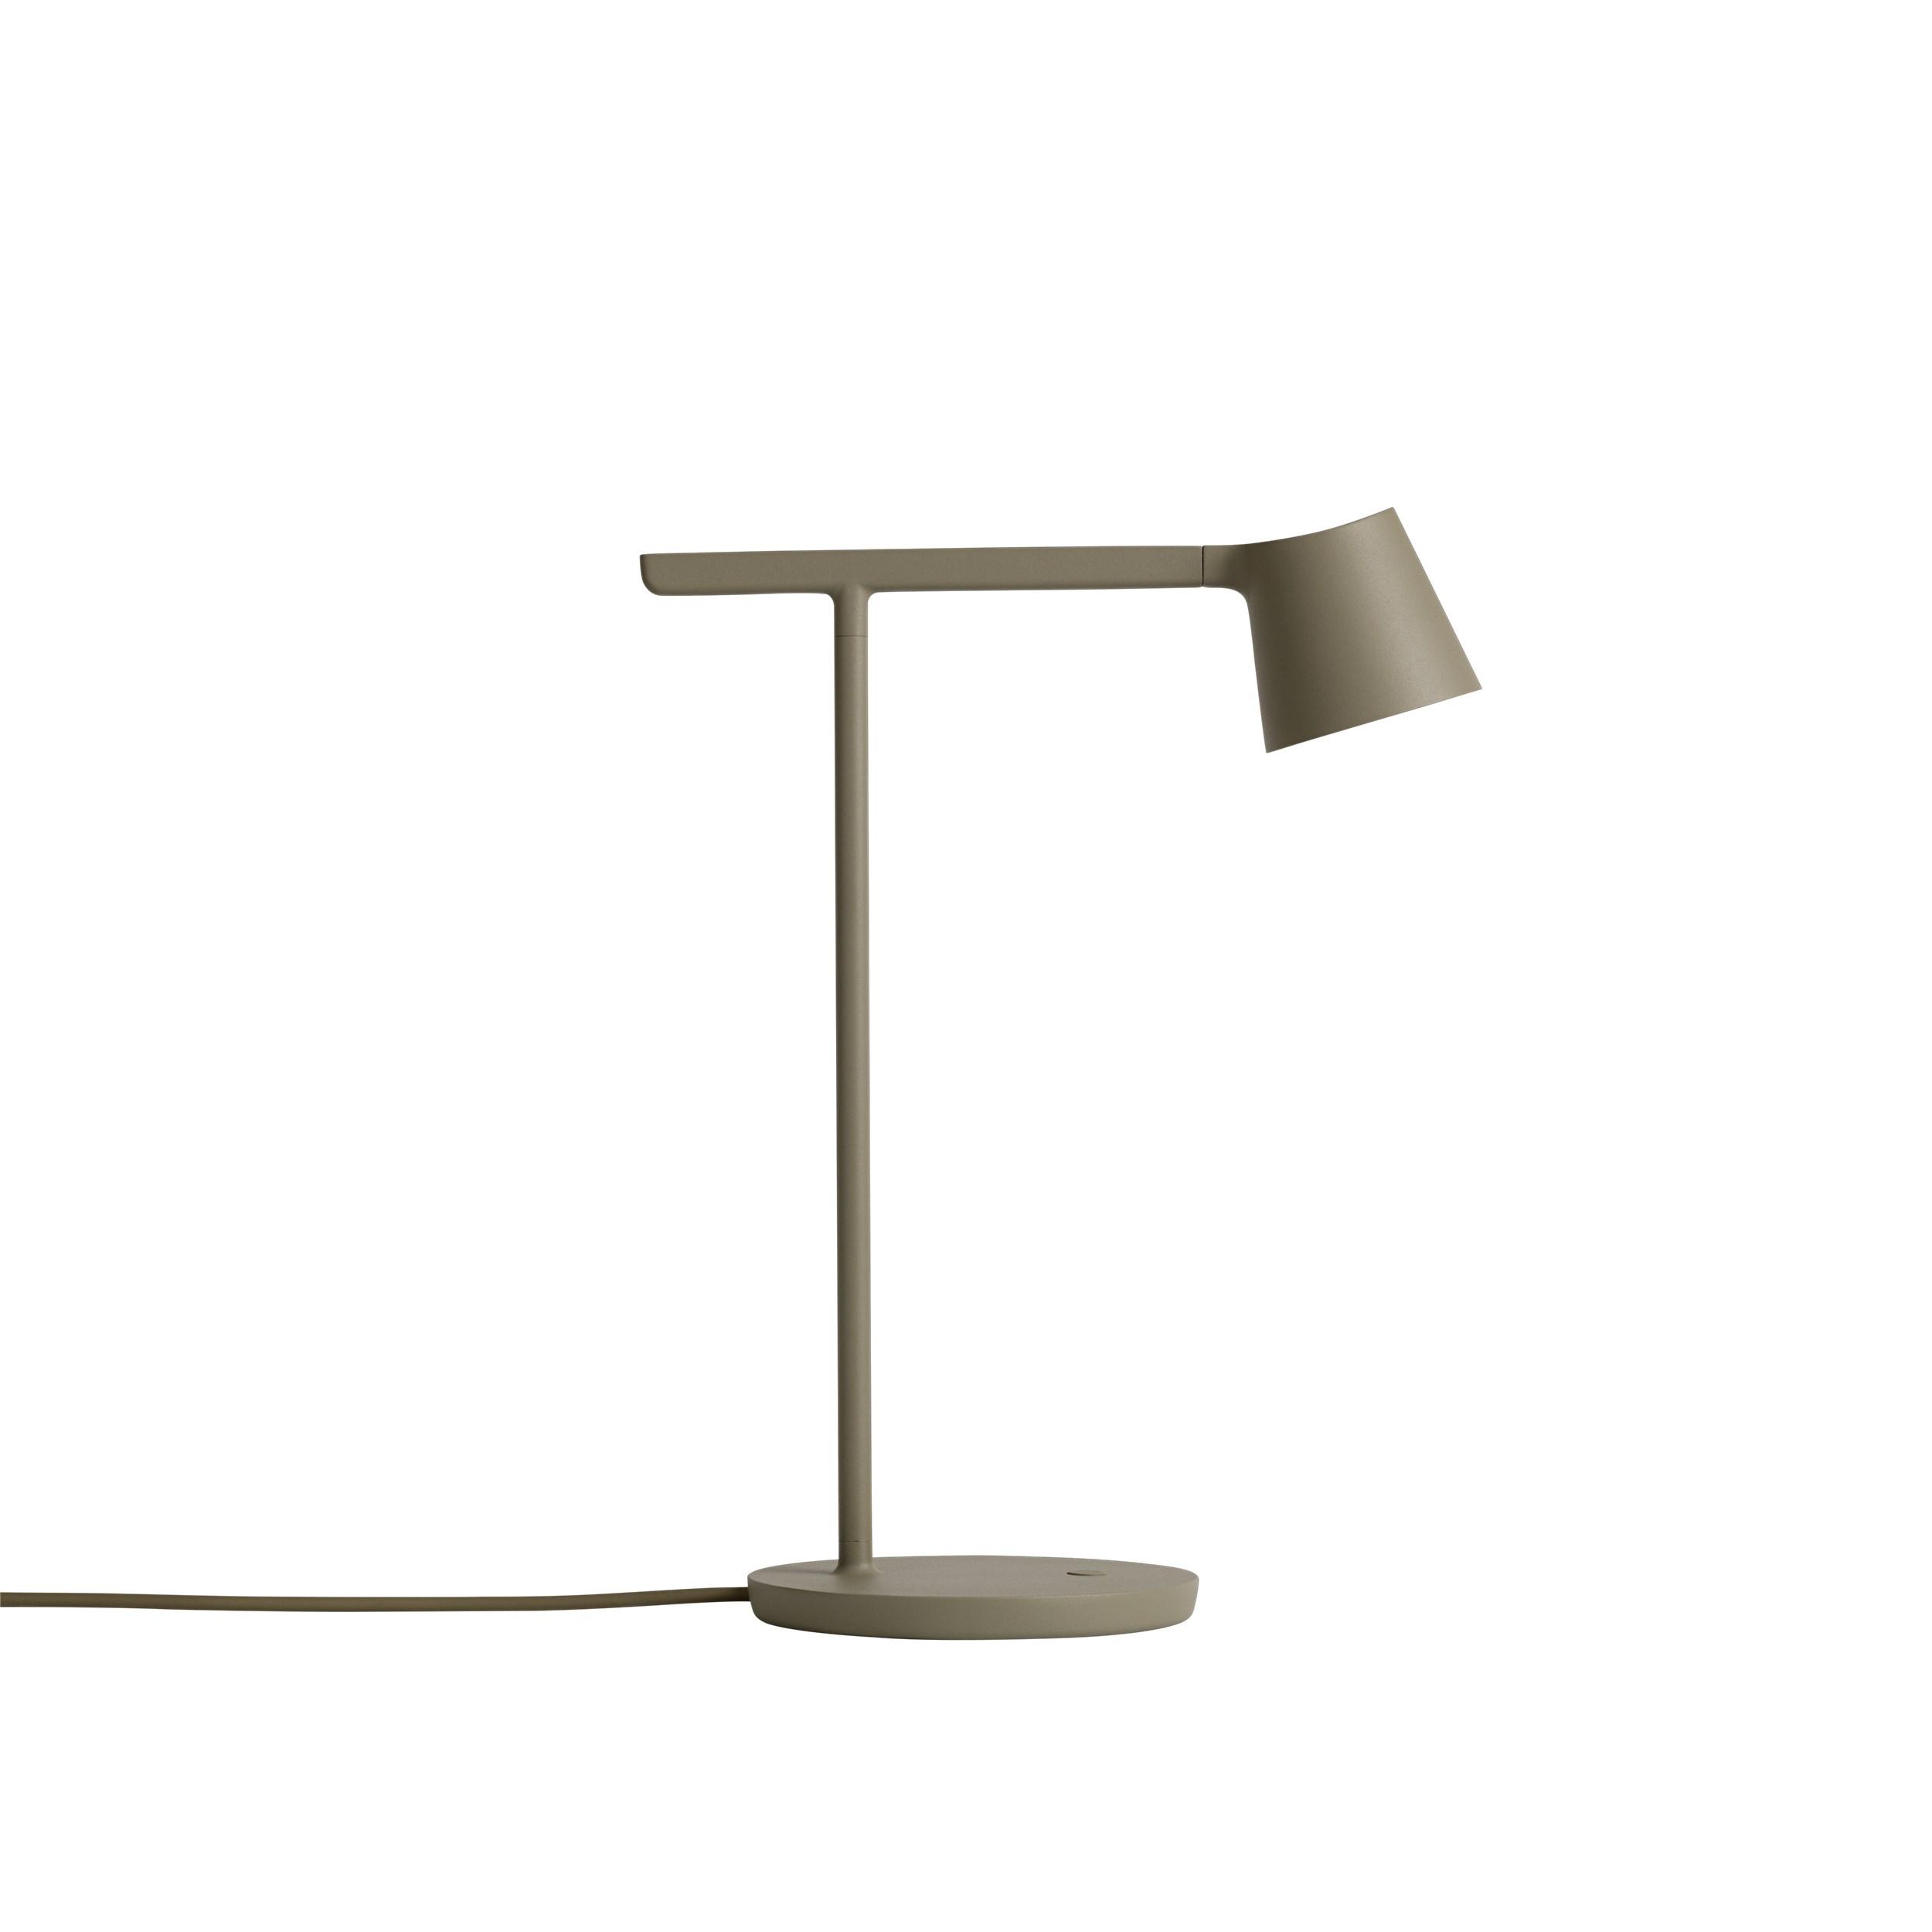 Muuto tip table lamp olive